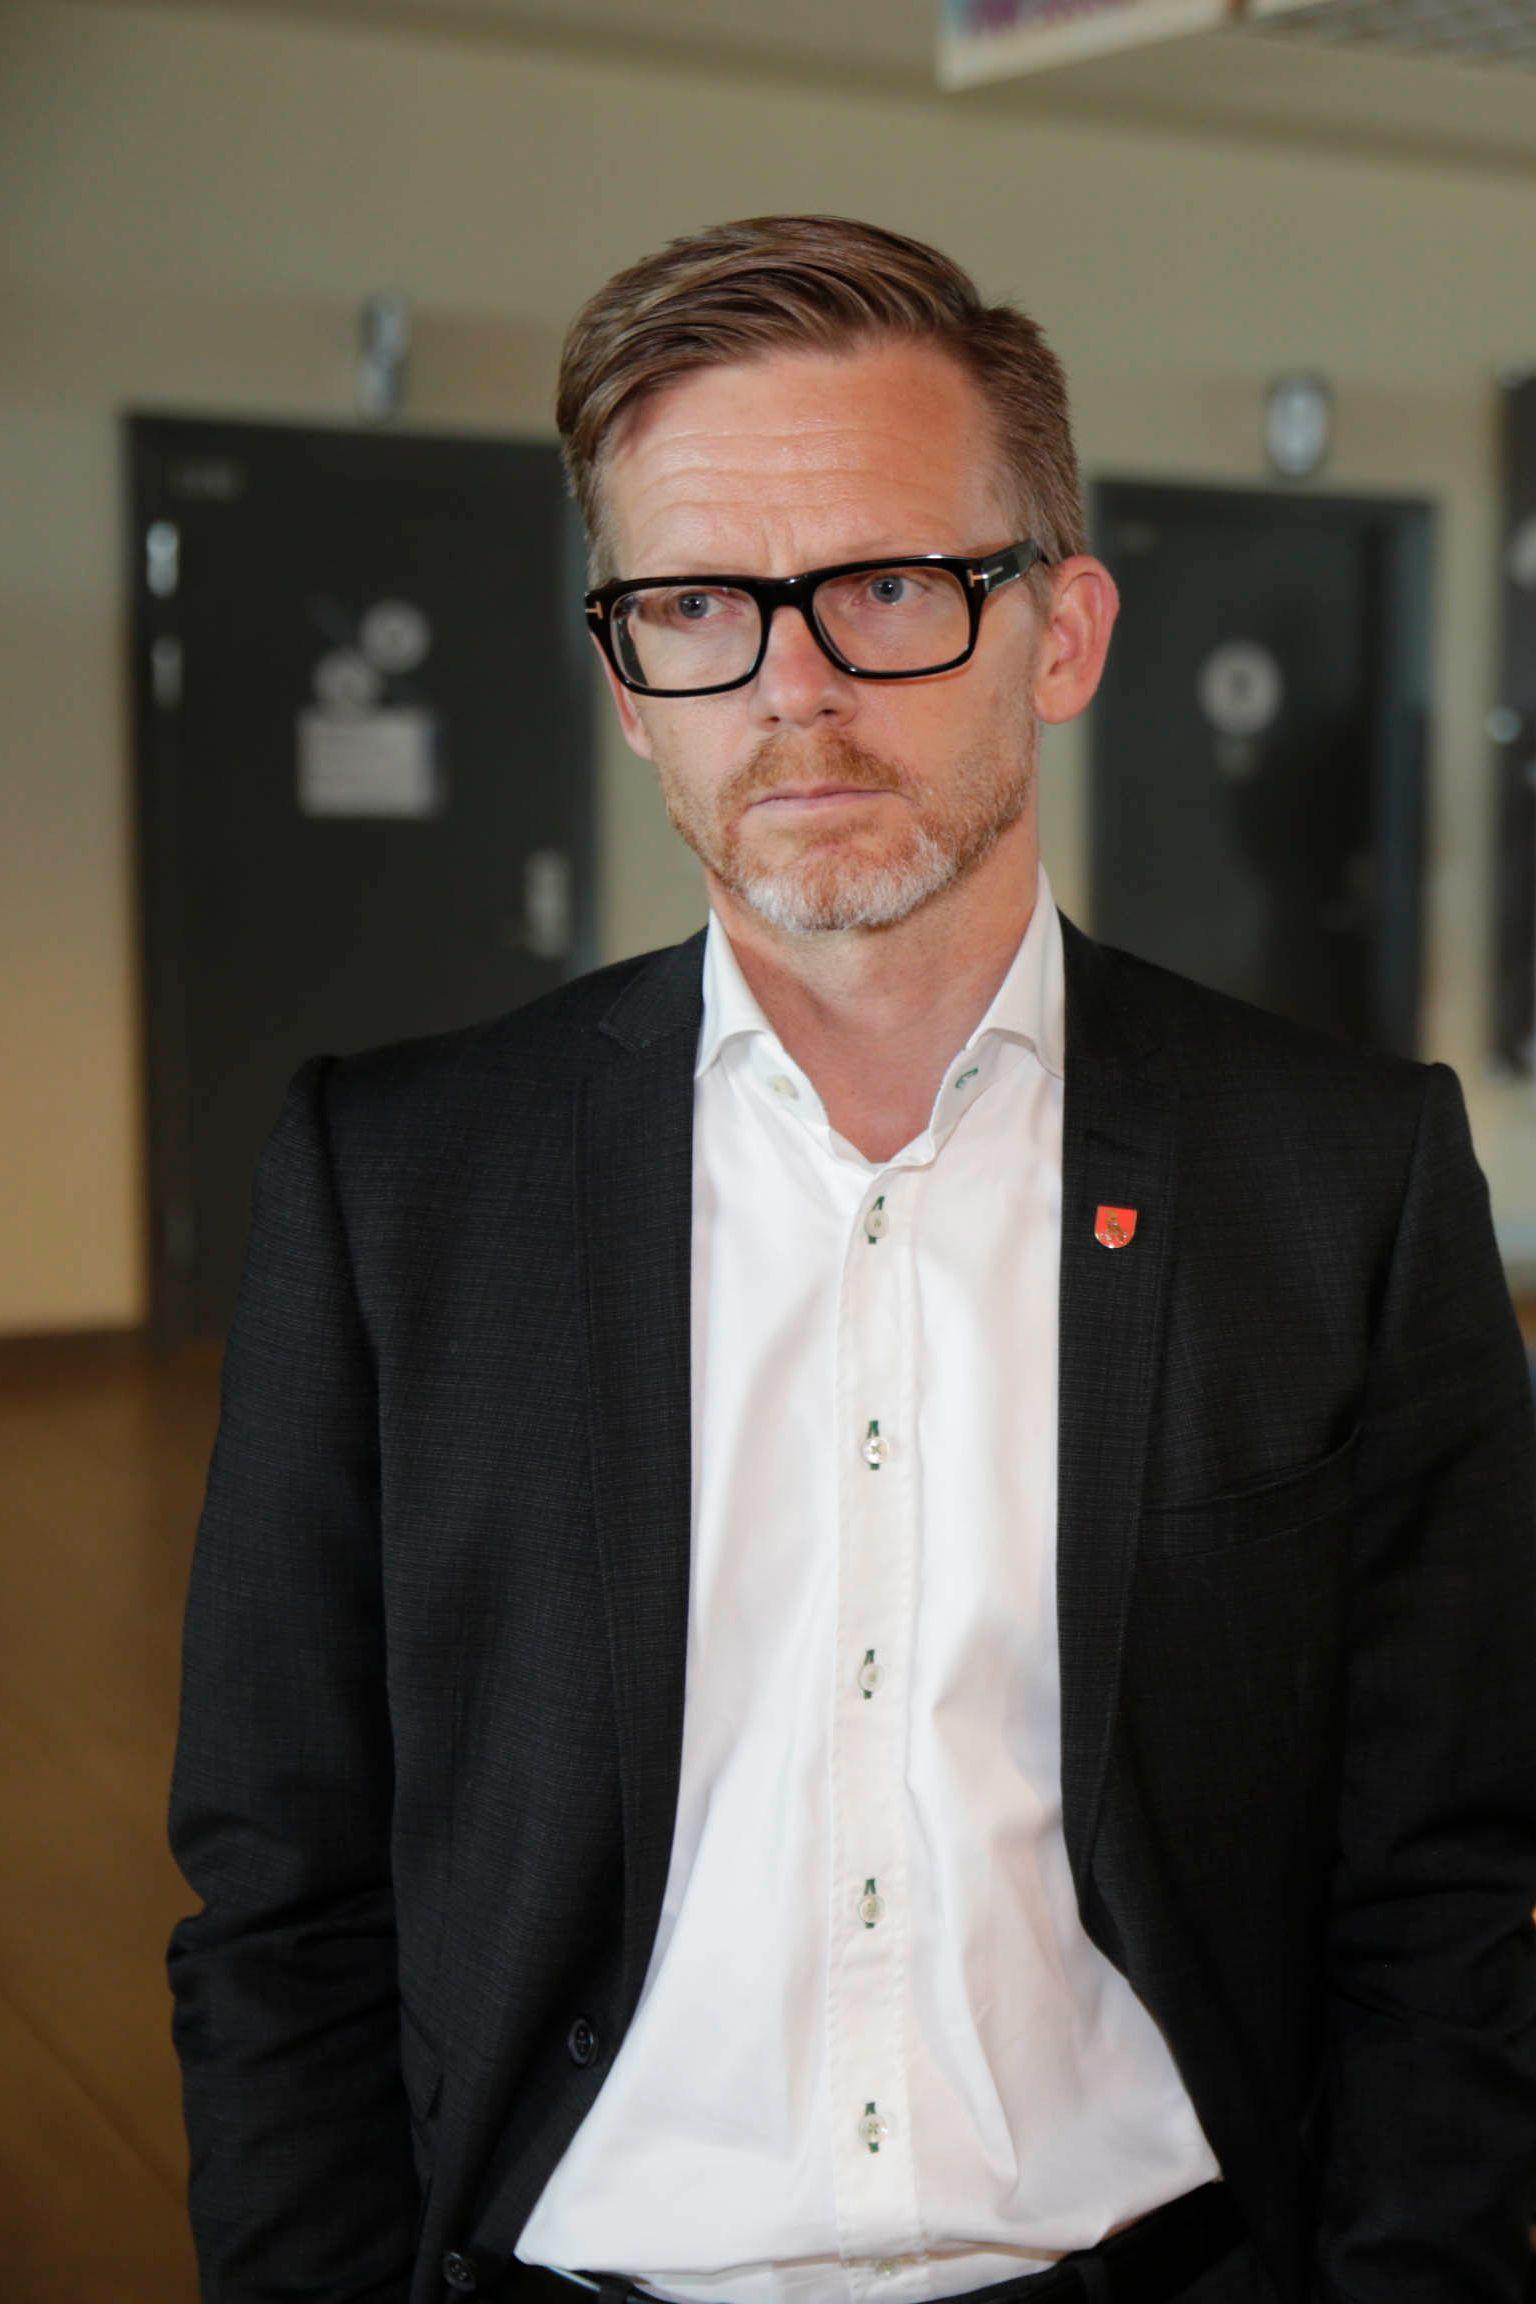 IKKE STATENS OPPGAVE: Tage Pettersen (H) tar kulturministeren i forsvar og sier det ikke er statens oppgave å håndtere økonomien til idrettsarrangementer.